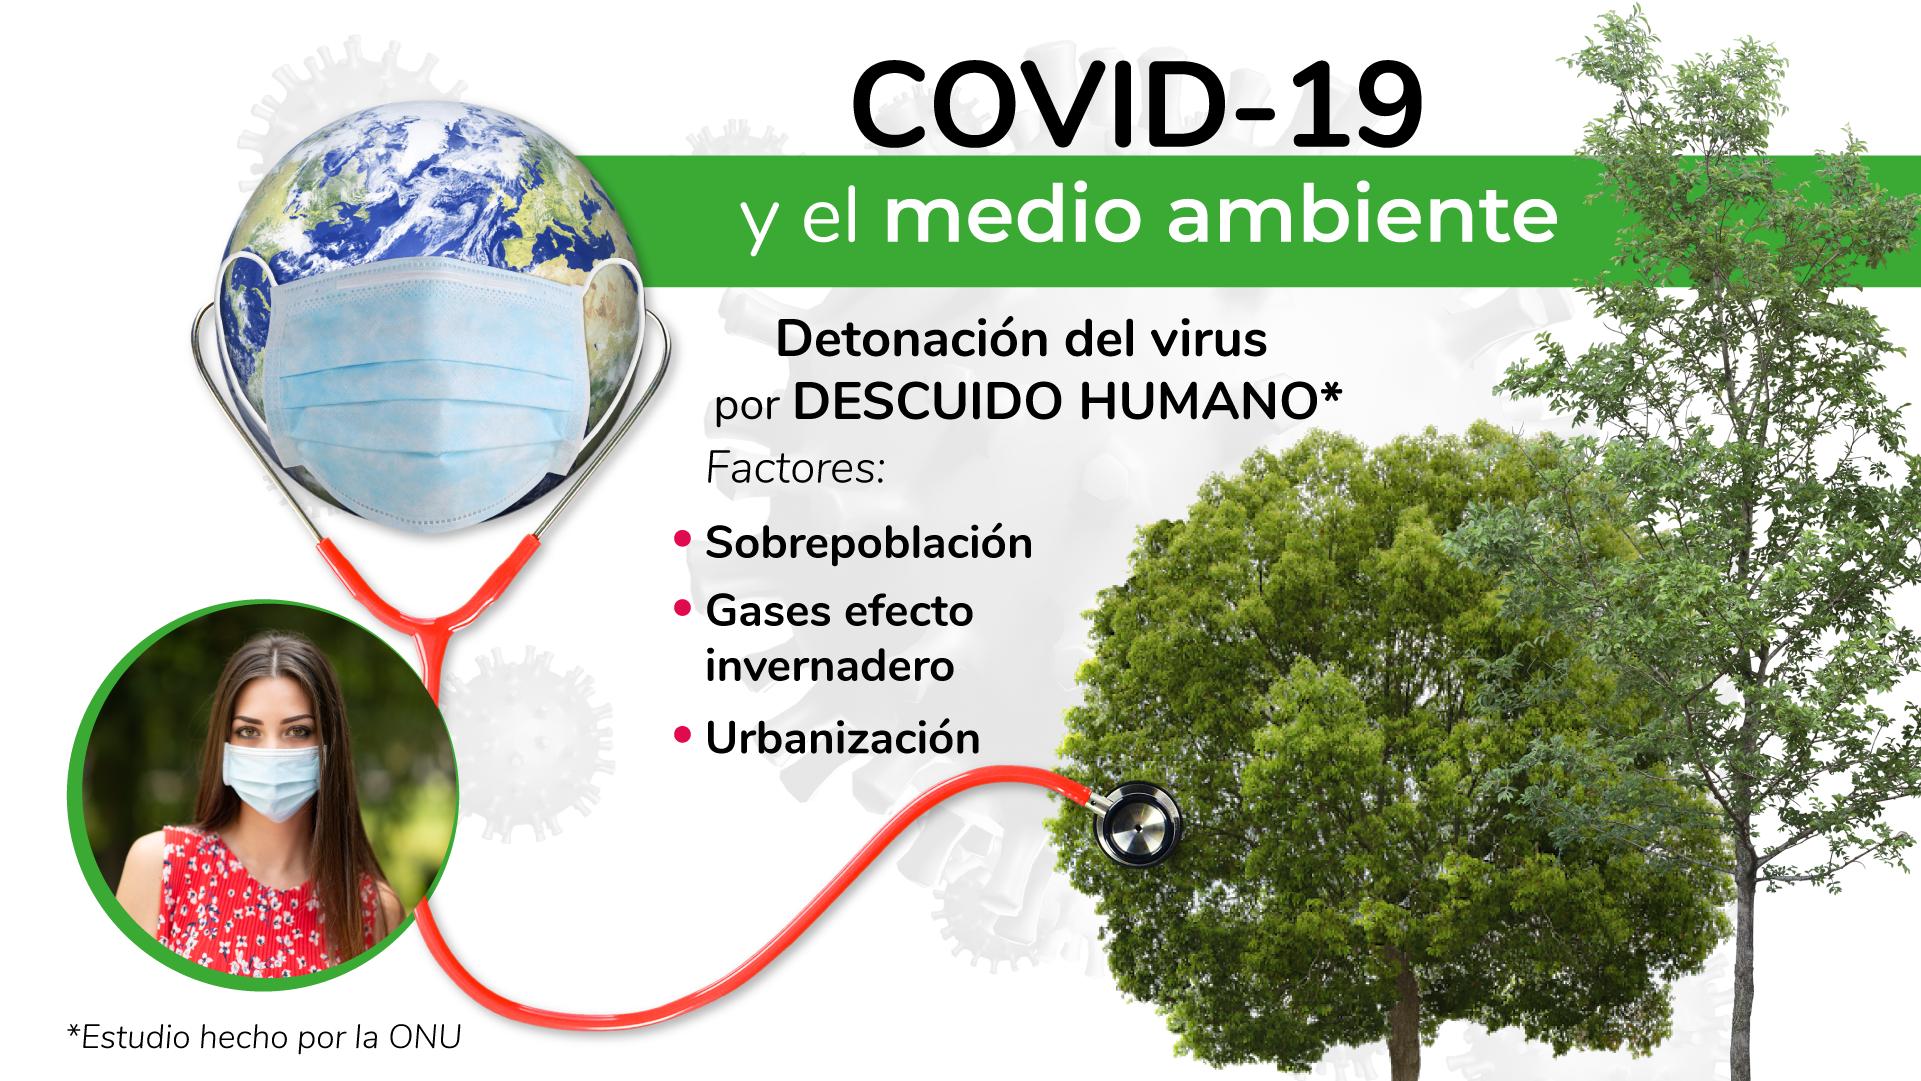 COVID-19 y medio ambiente